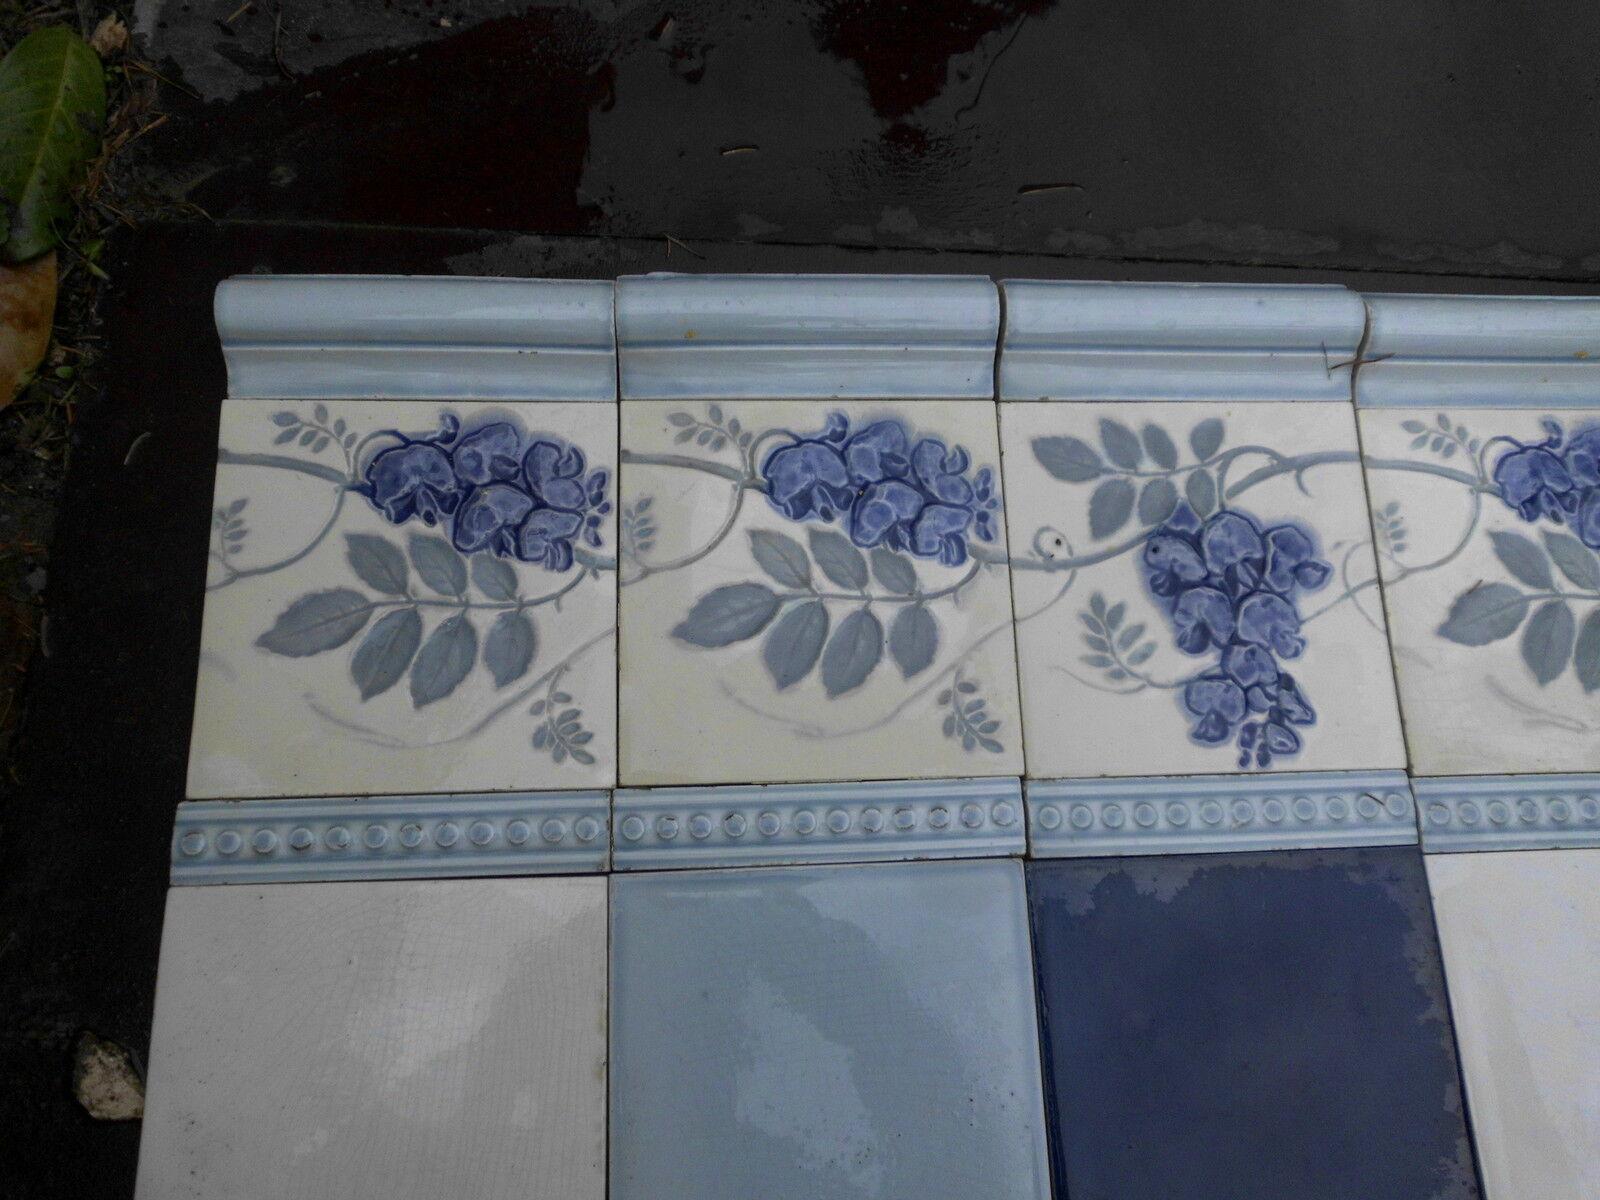 carrelage faience art nouveau saint amand desvres vitrail eur 2 00 picclick be. Black Bedroom Furniture Sets. Home Design Ideas